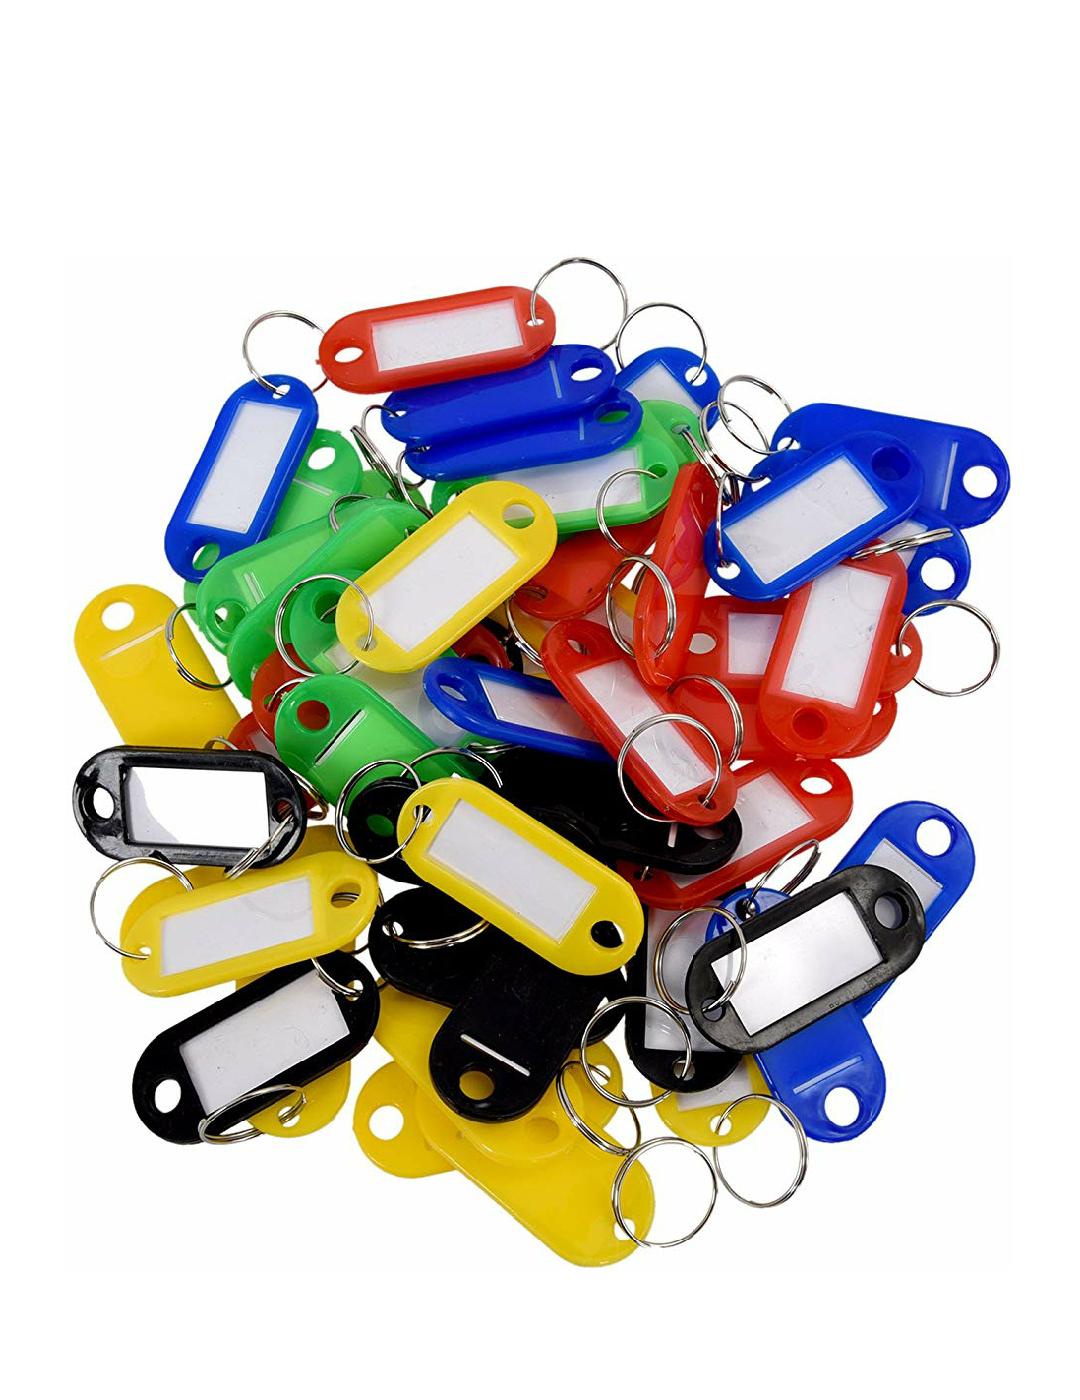 50 Llaveros de plástico para poner nombres por 1,45€